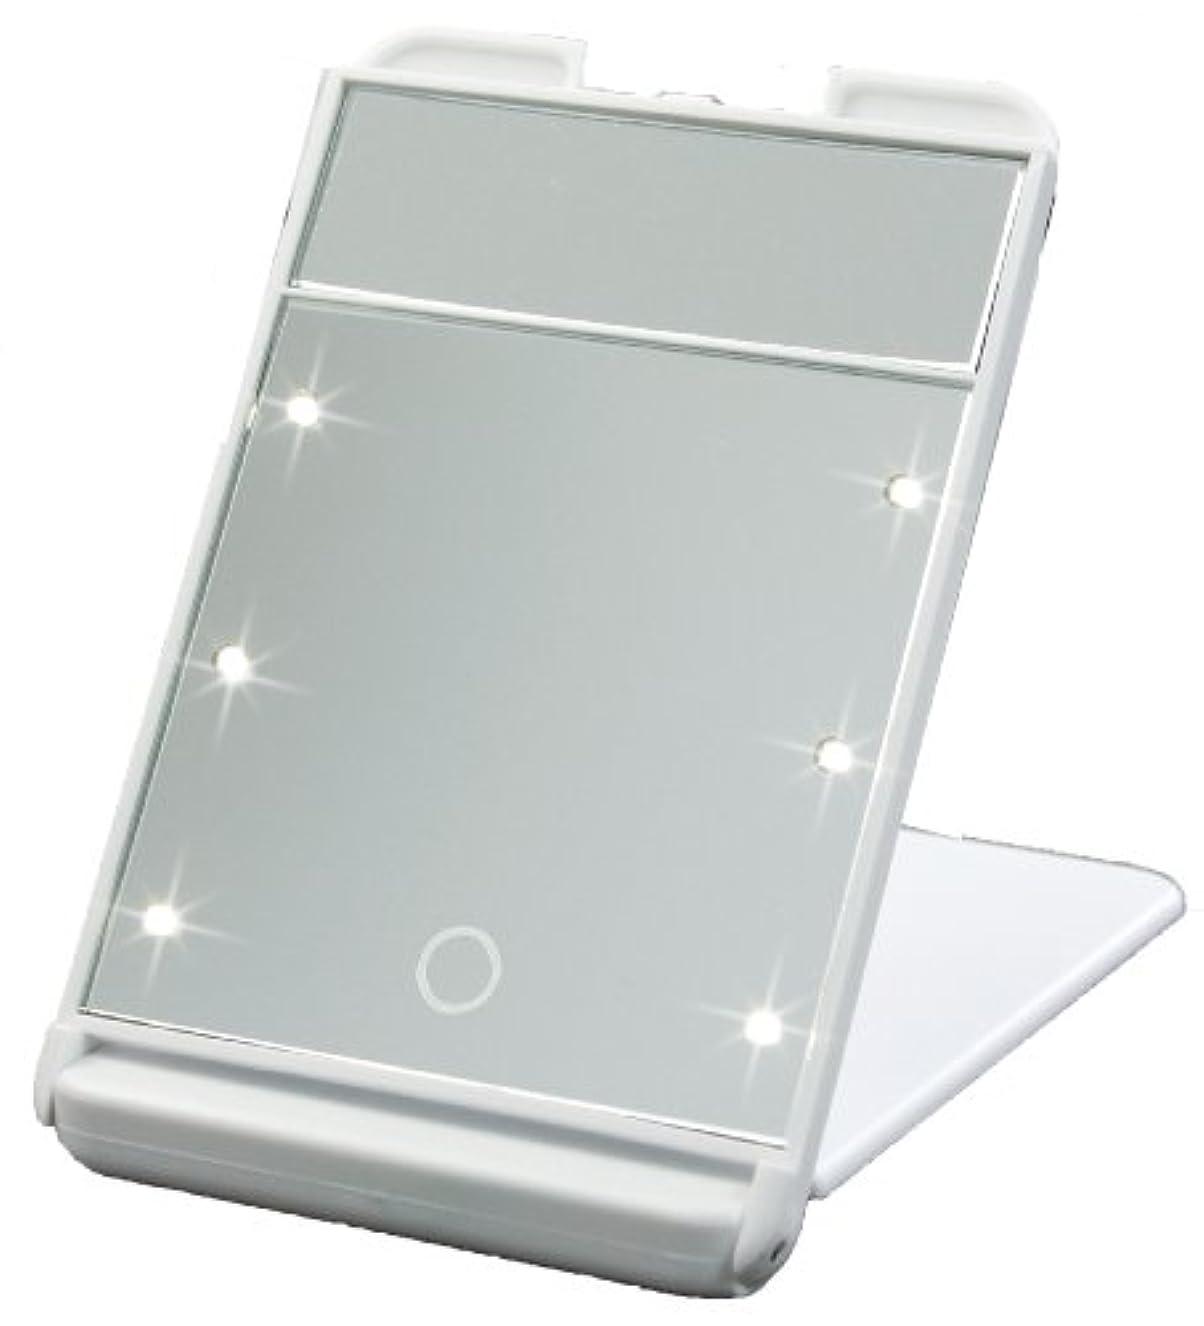 フルーティー販売員好き3倍拡大鏡付 LED コンパクト ブライトニングミラー タッチミニ ホワイト YLD-1600